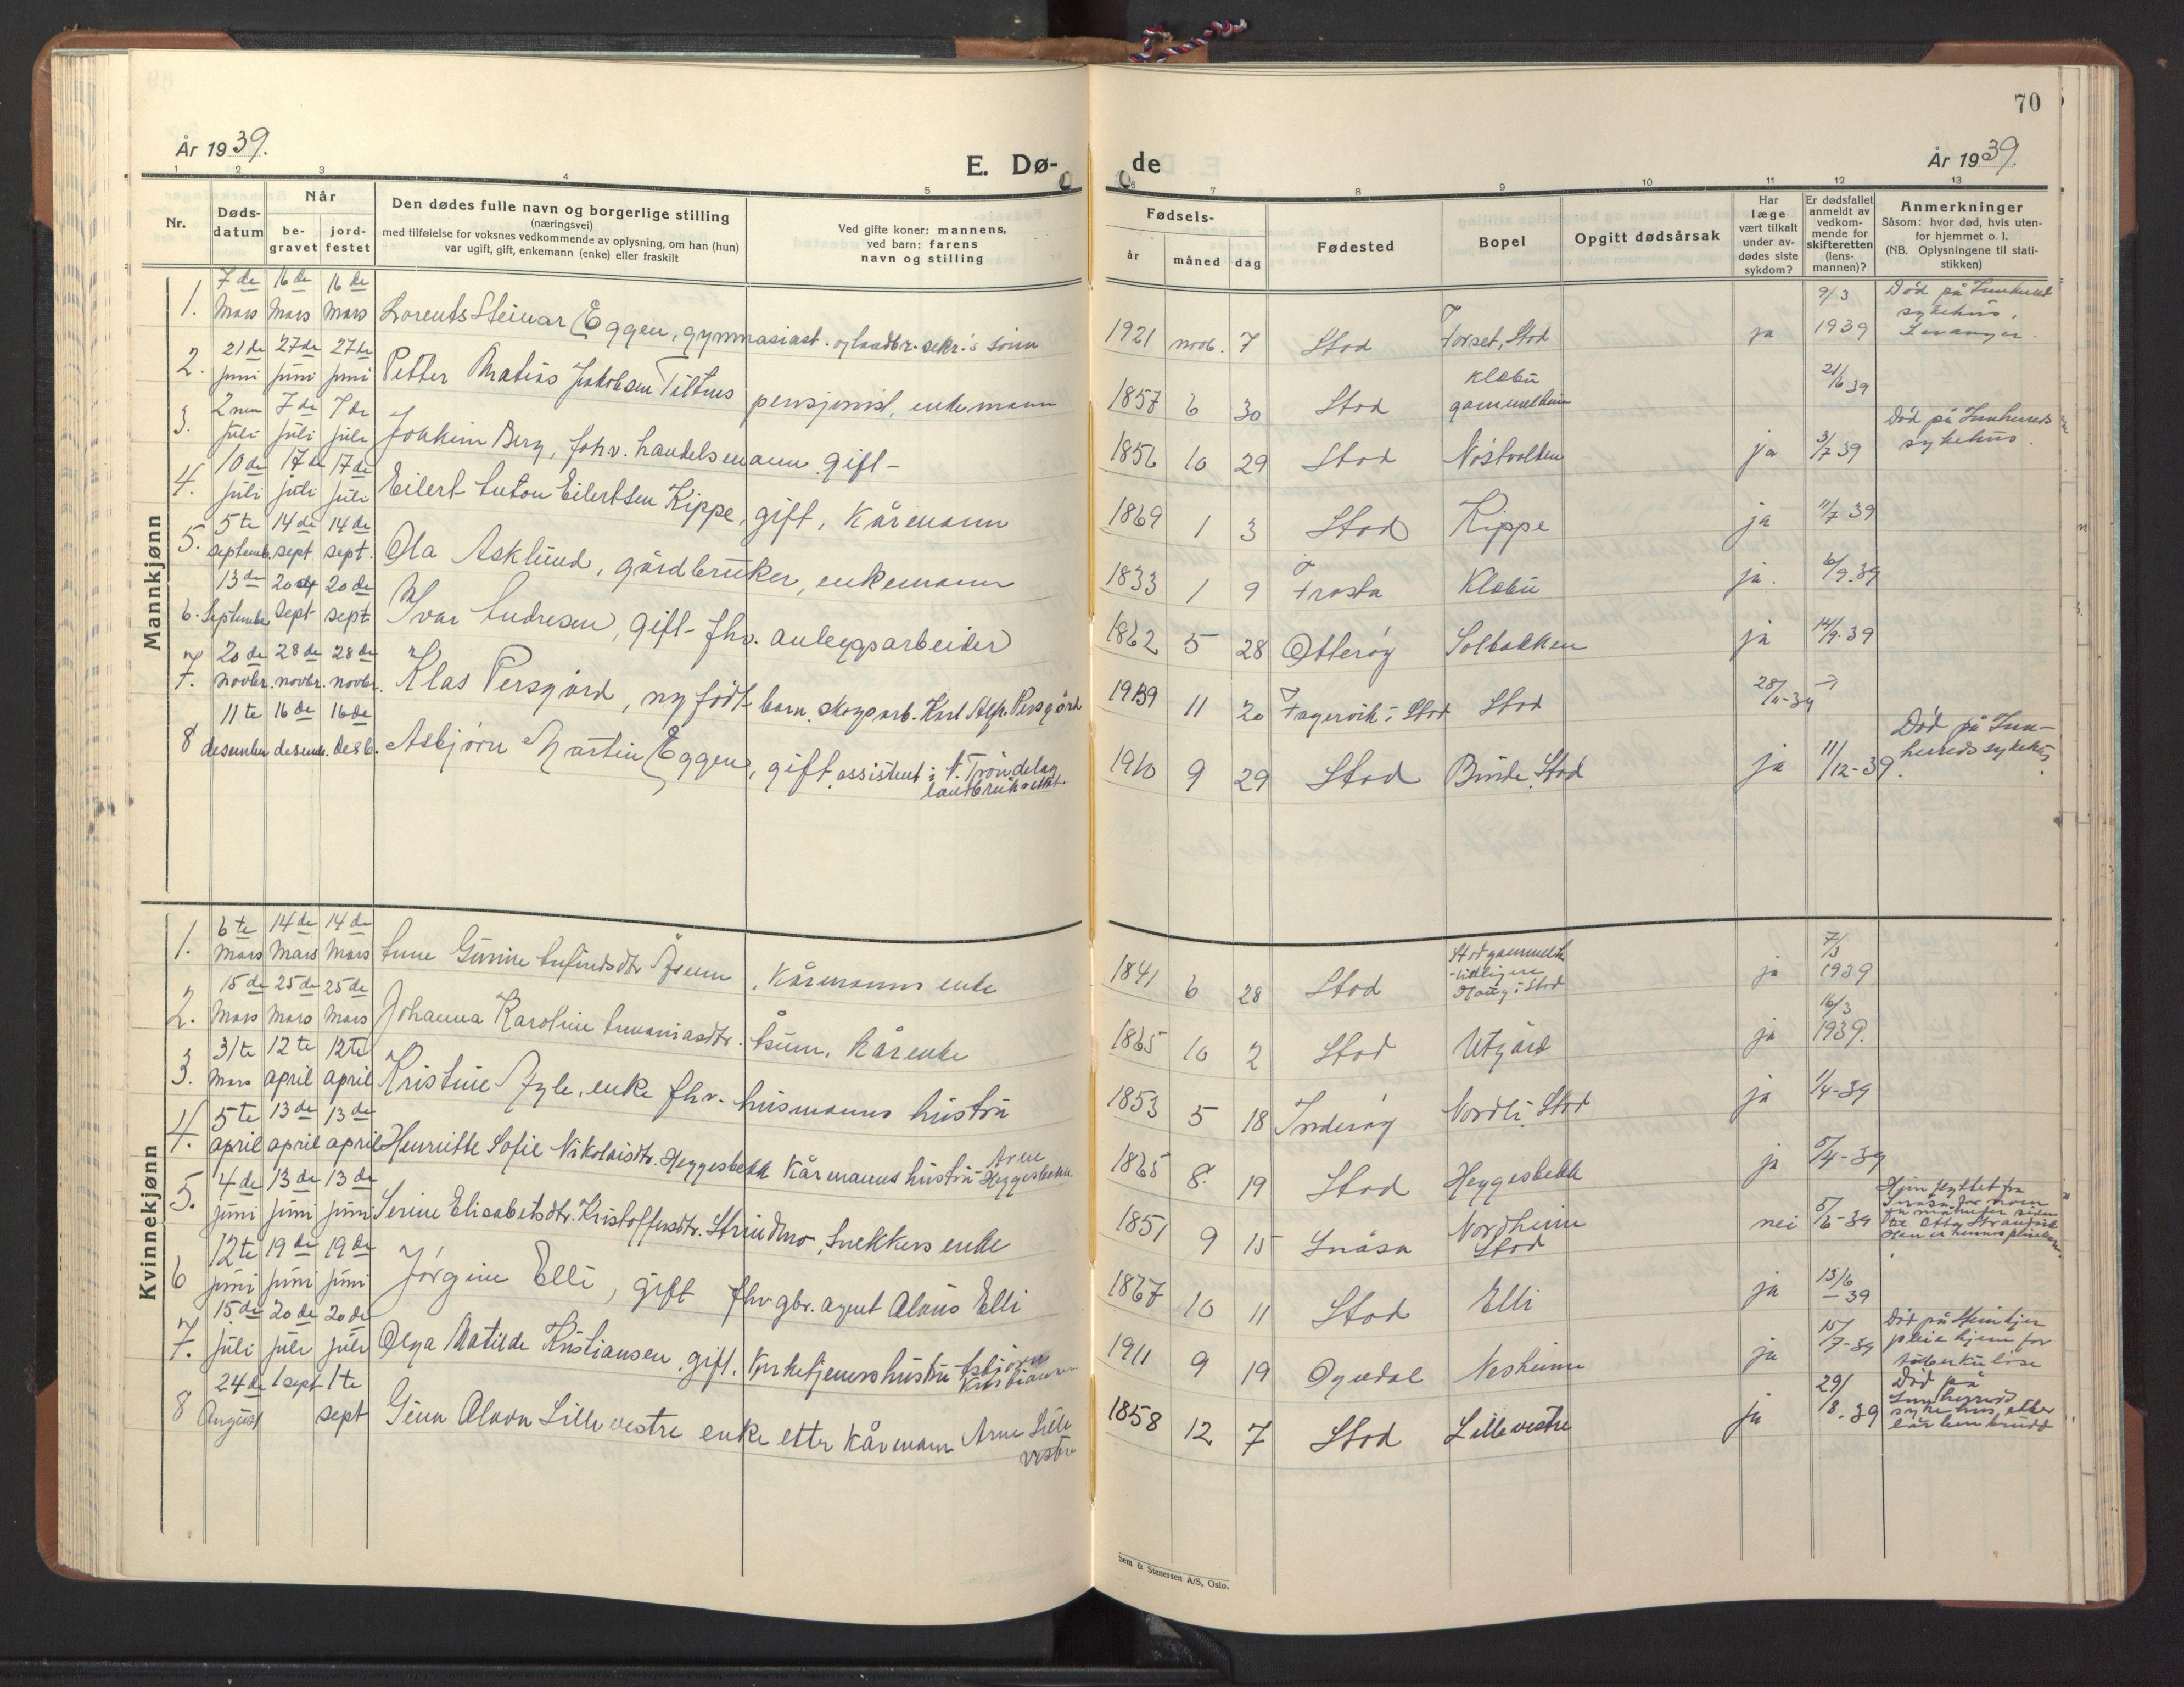 SAT, Ministerialprotokoller, klokkerbøker og fødselsregistre - Nord-Trøndelag, 746/L0456: Klokkerbok nr. 746C02, 1936-1948, s. 70